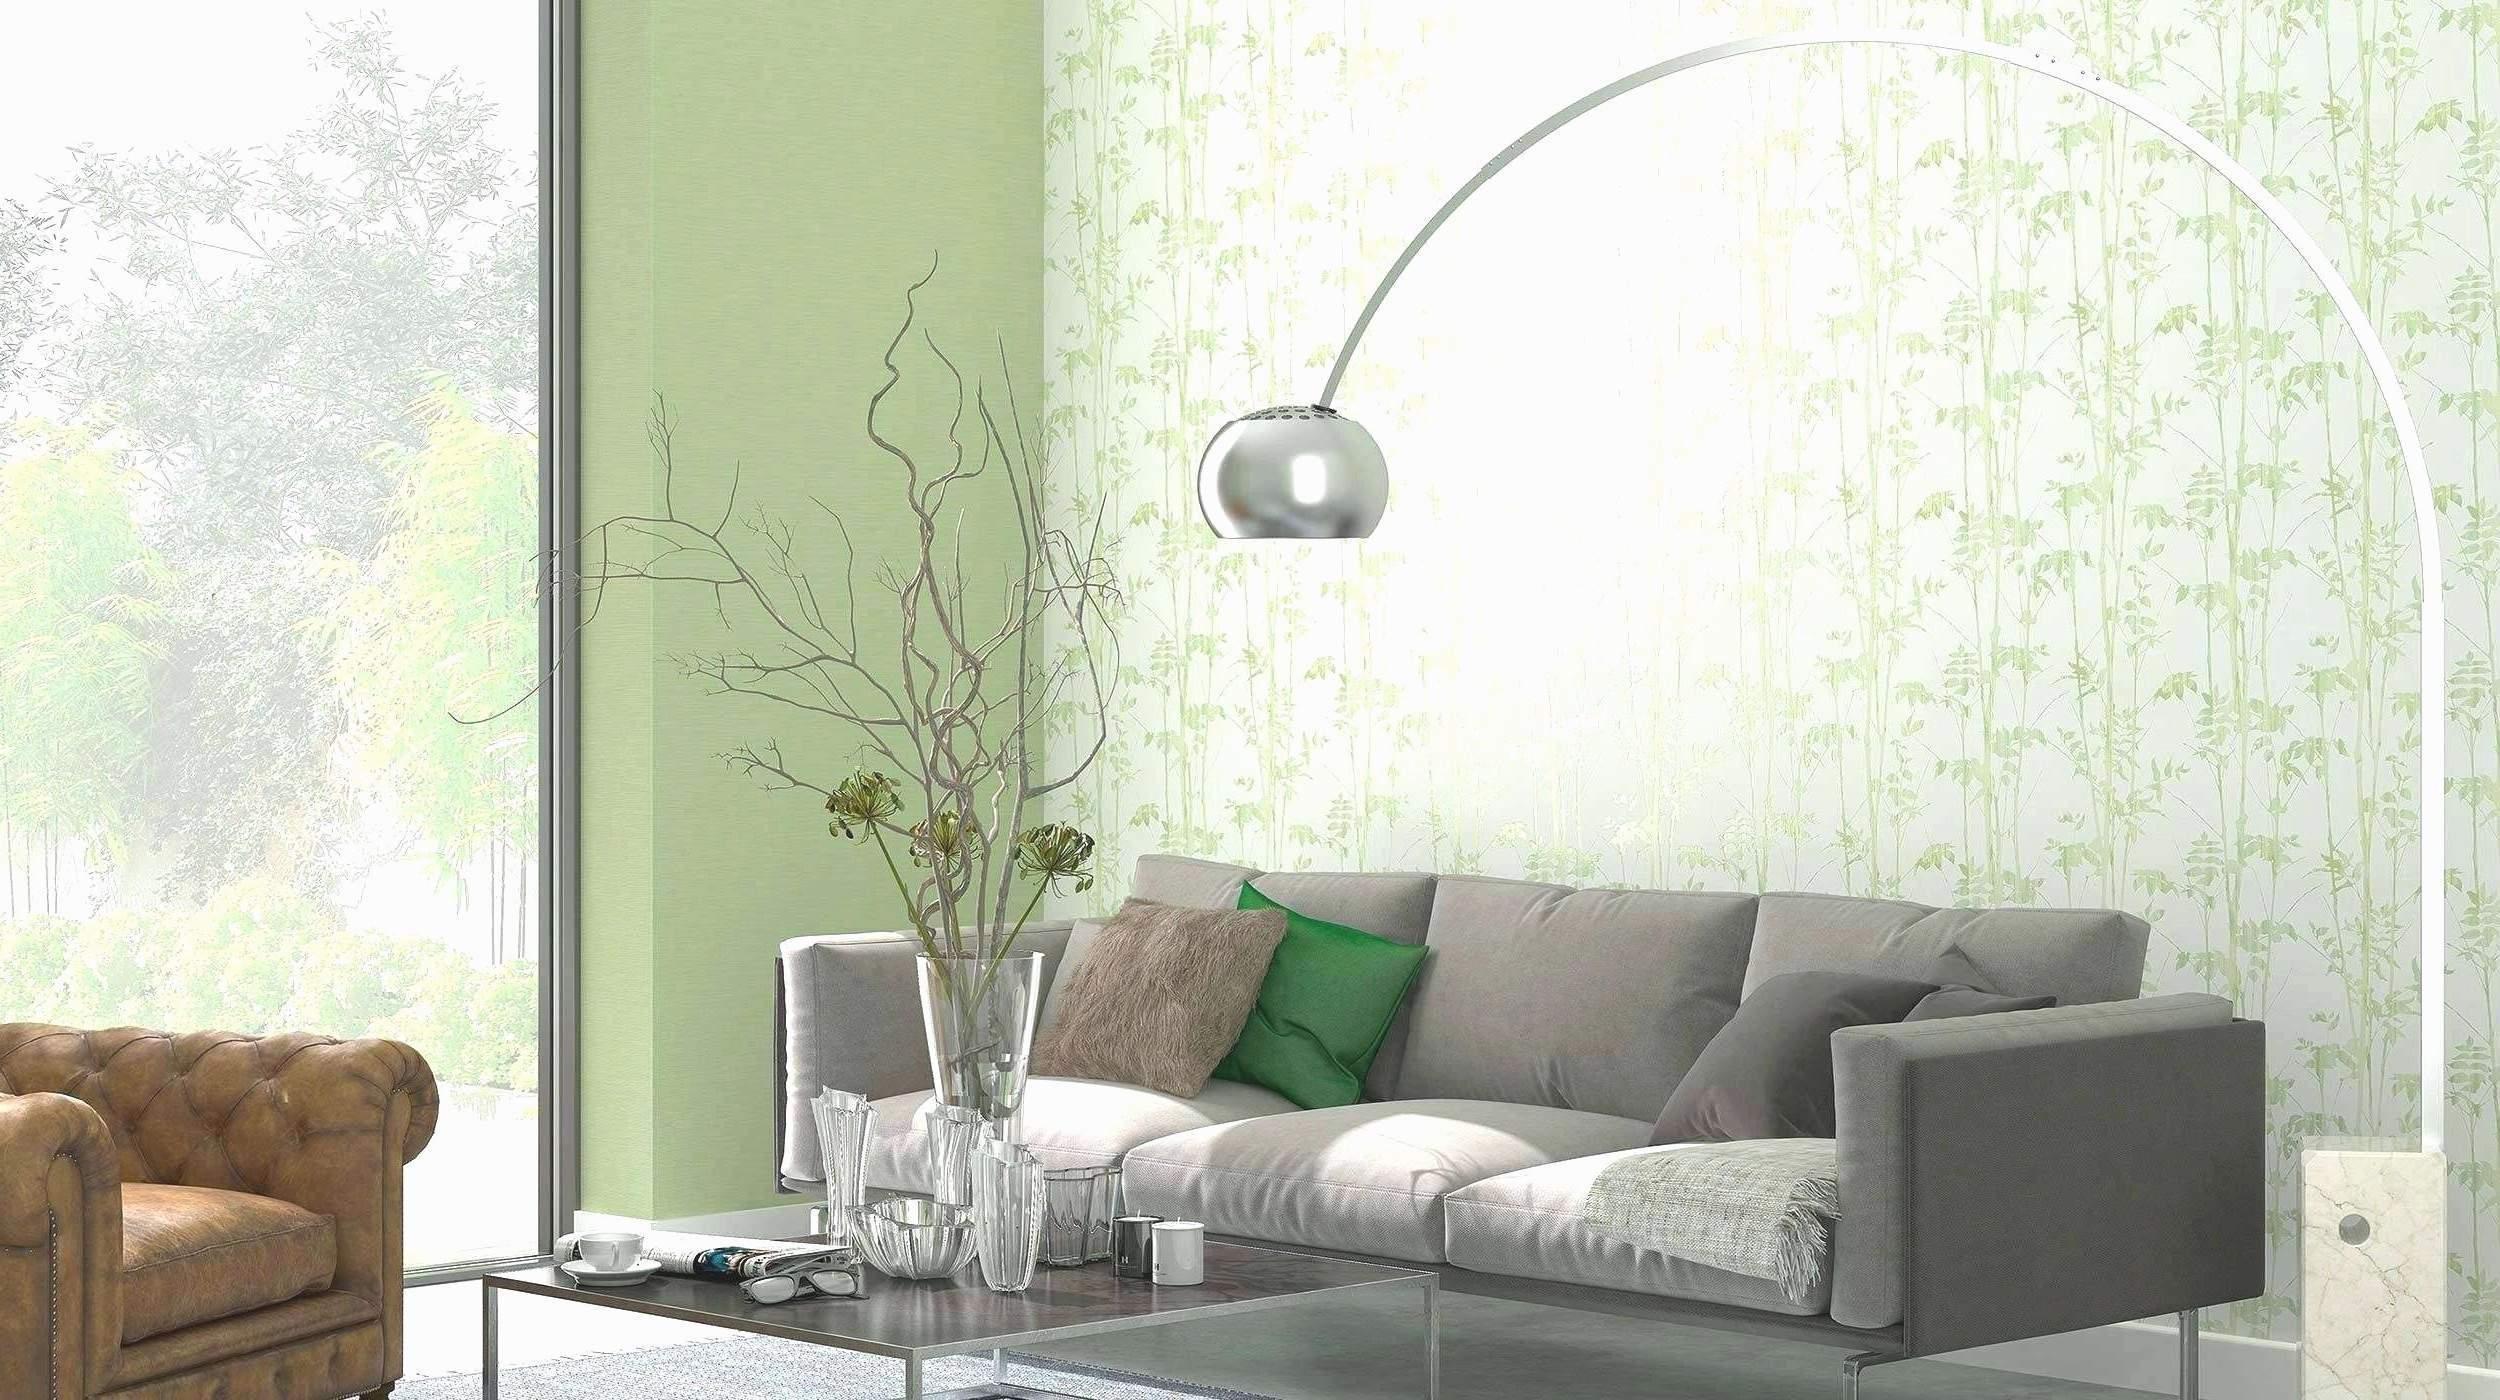 gestaltung wohnzimmer das beste von wanddeko ideen wohnzimmer design sie mussen sehen of gestaltung wohnzimmer